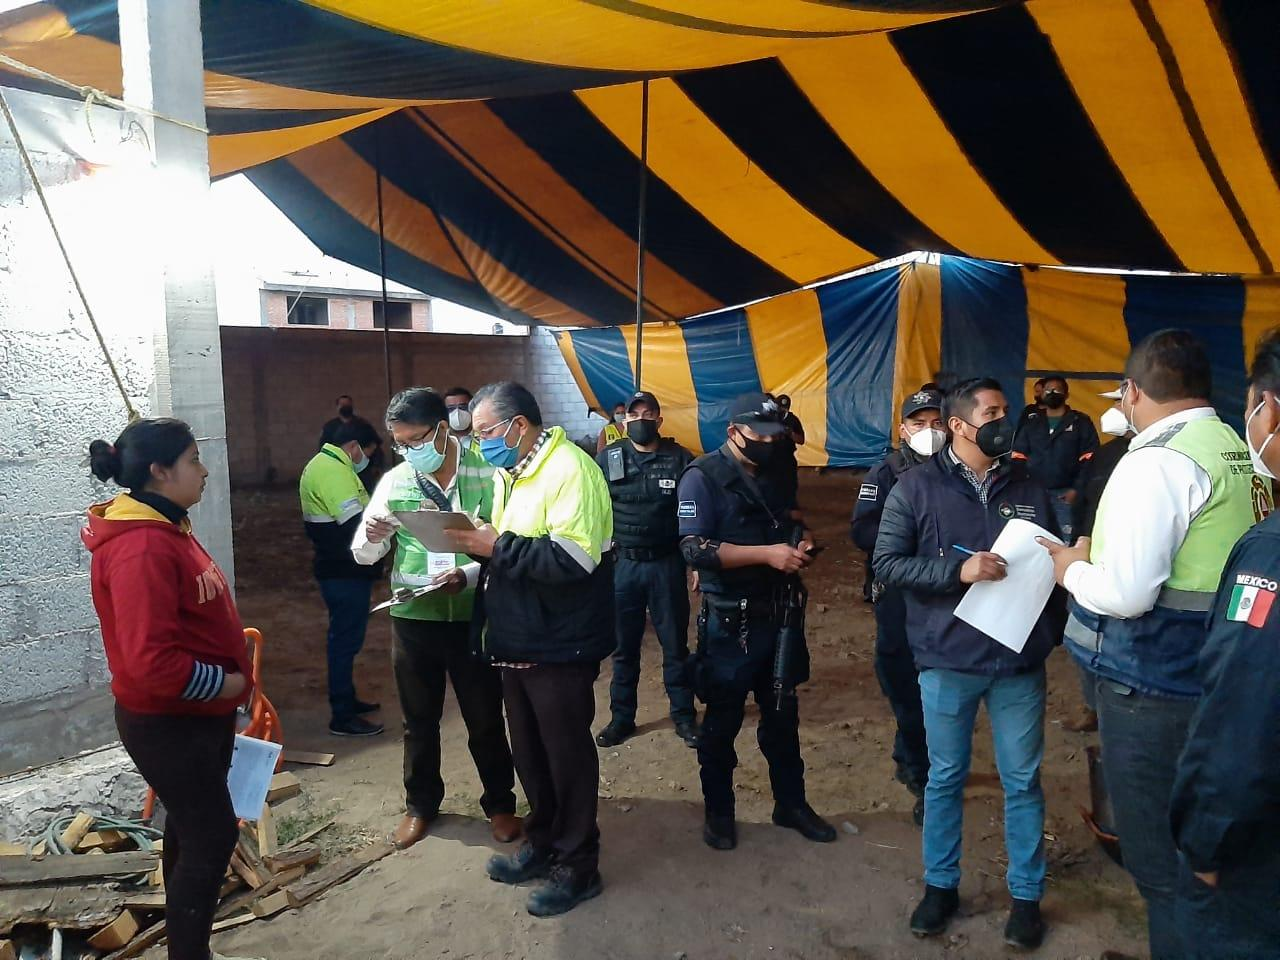 Foto: Protección Civil Tlaxcala